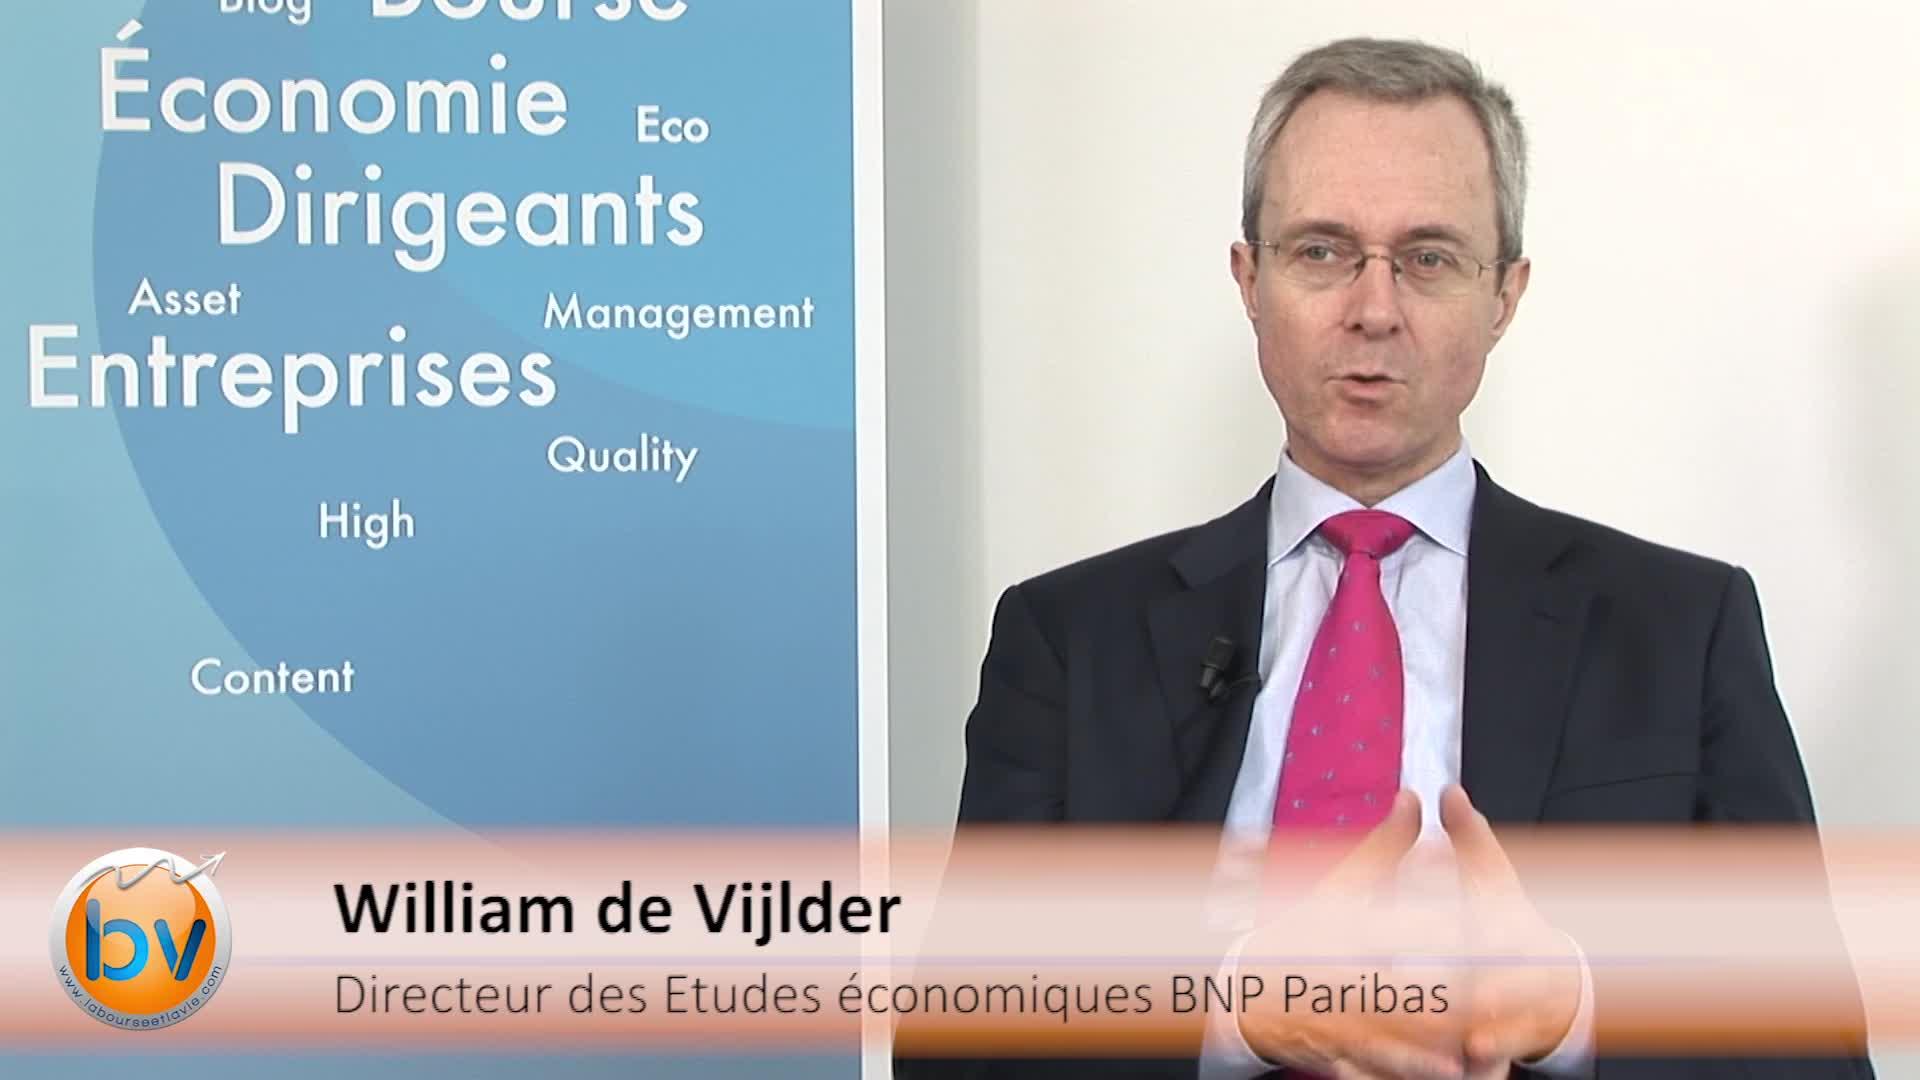 """William de Vijlder Directeur des Etudes économiques BNP Paribas : """"Les marchés reflètent surtout l'inquiétude grandissante des investisseurs"""" : Perspectives économiques et stratégie d'investissement"""